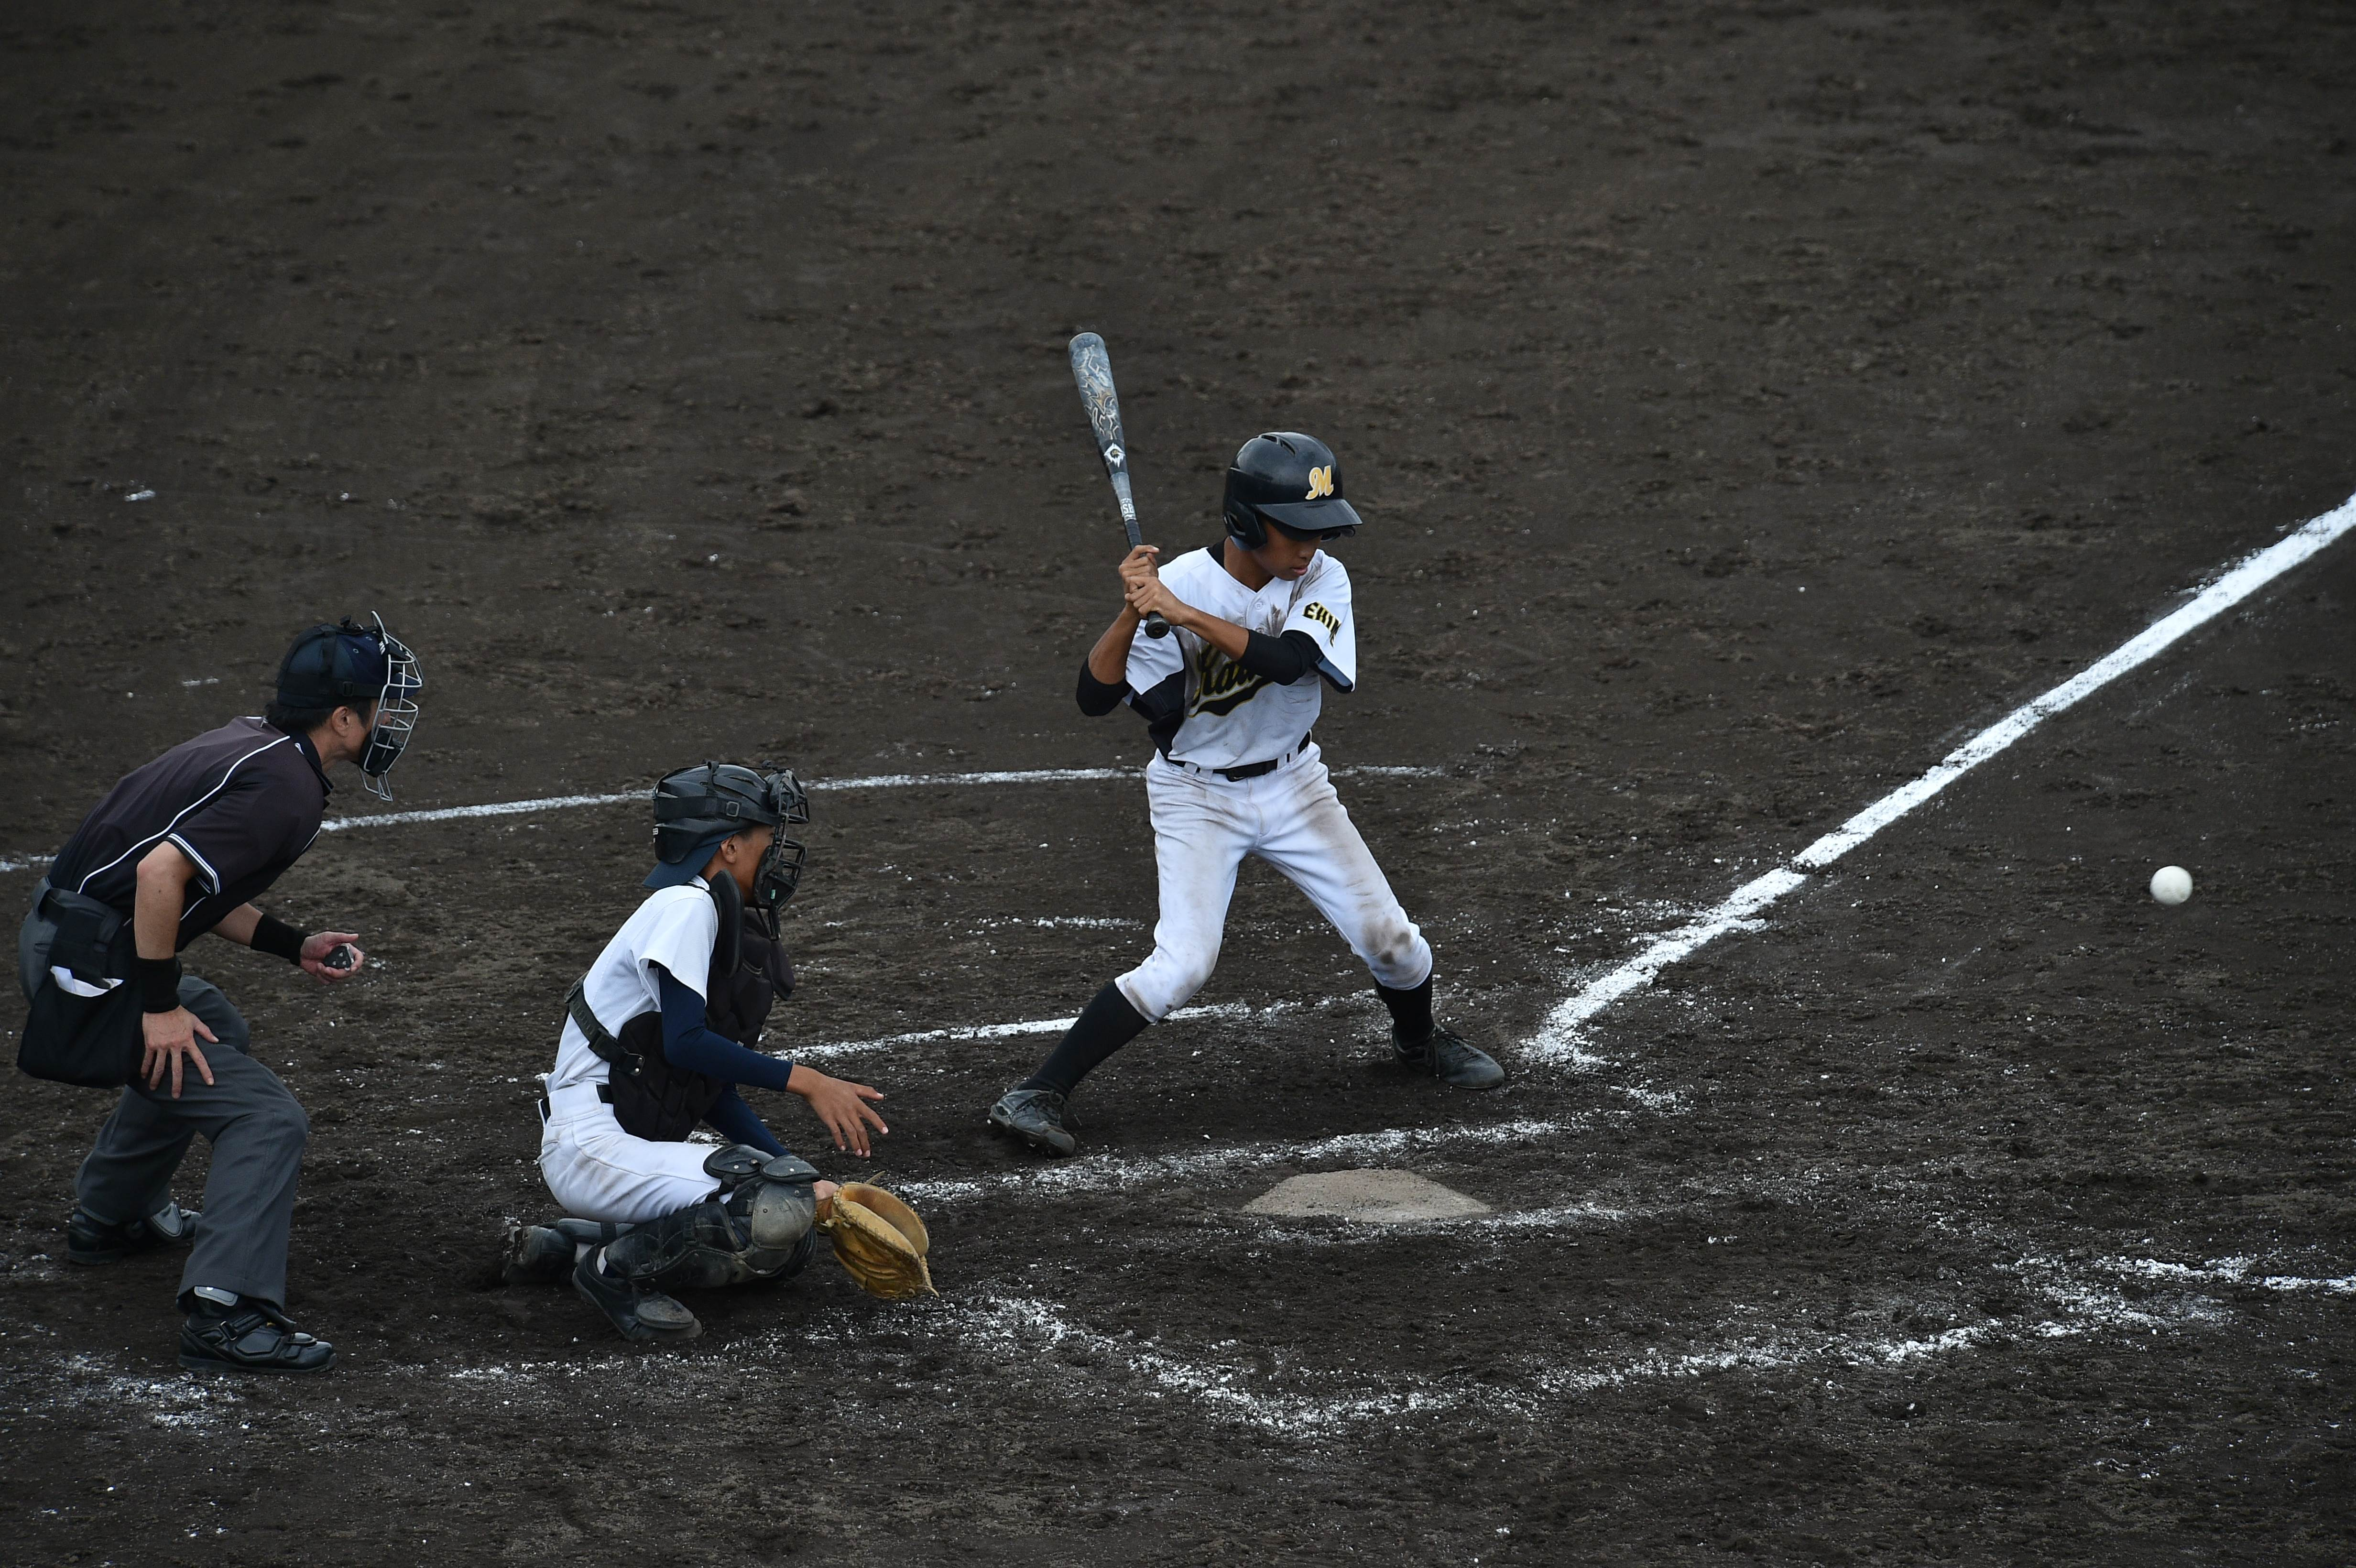 軟式野球 (367)